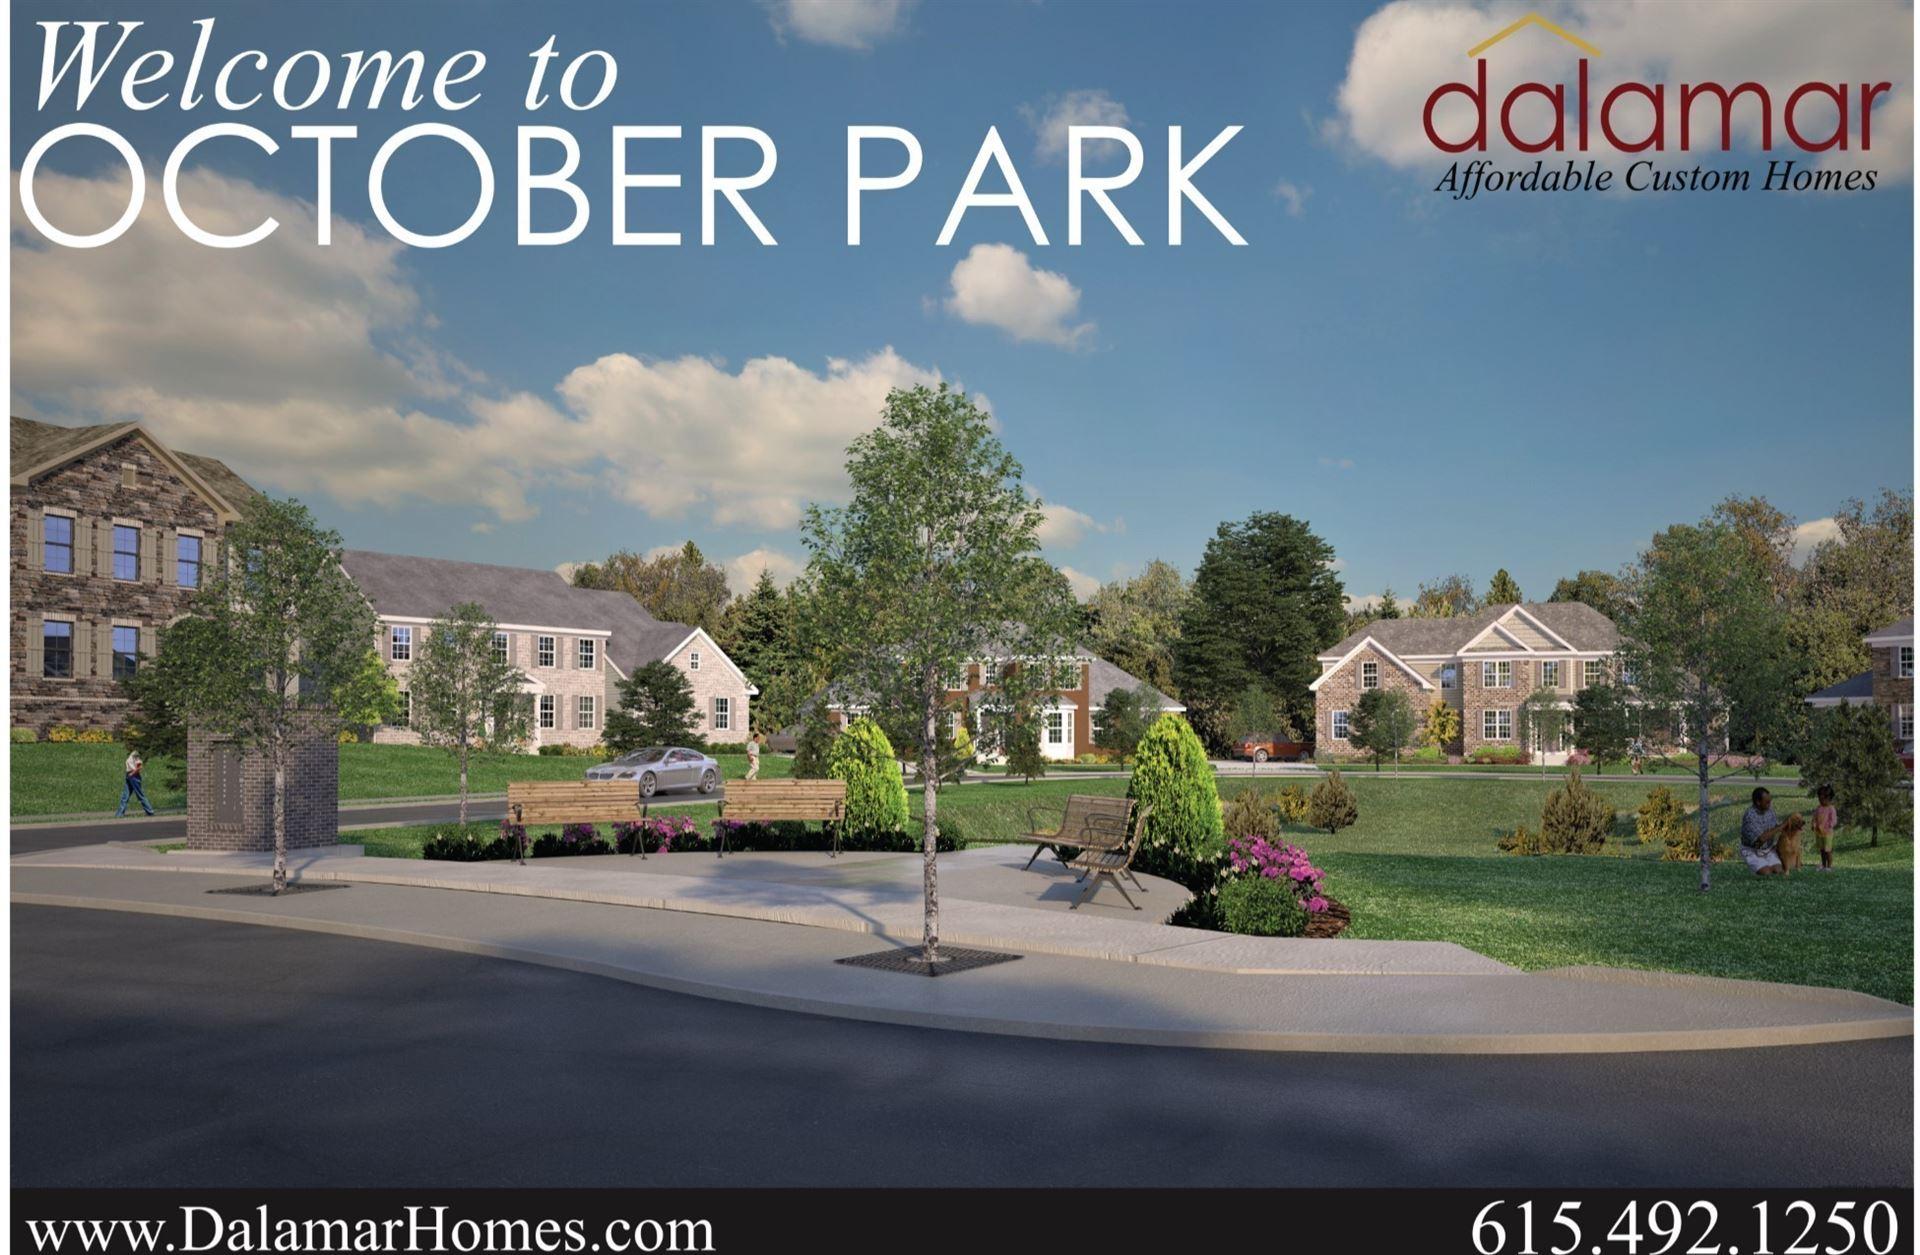 Photo of 1038 October Park Way, Lot 6, Franklin, TN 37067 (MLS # 2199220)